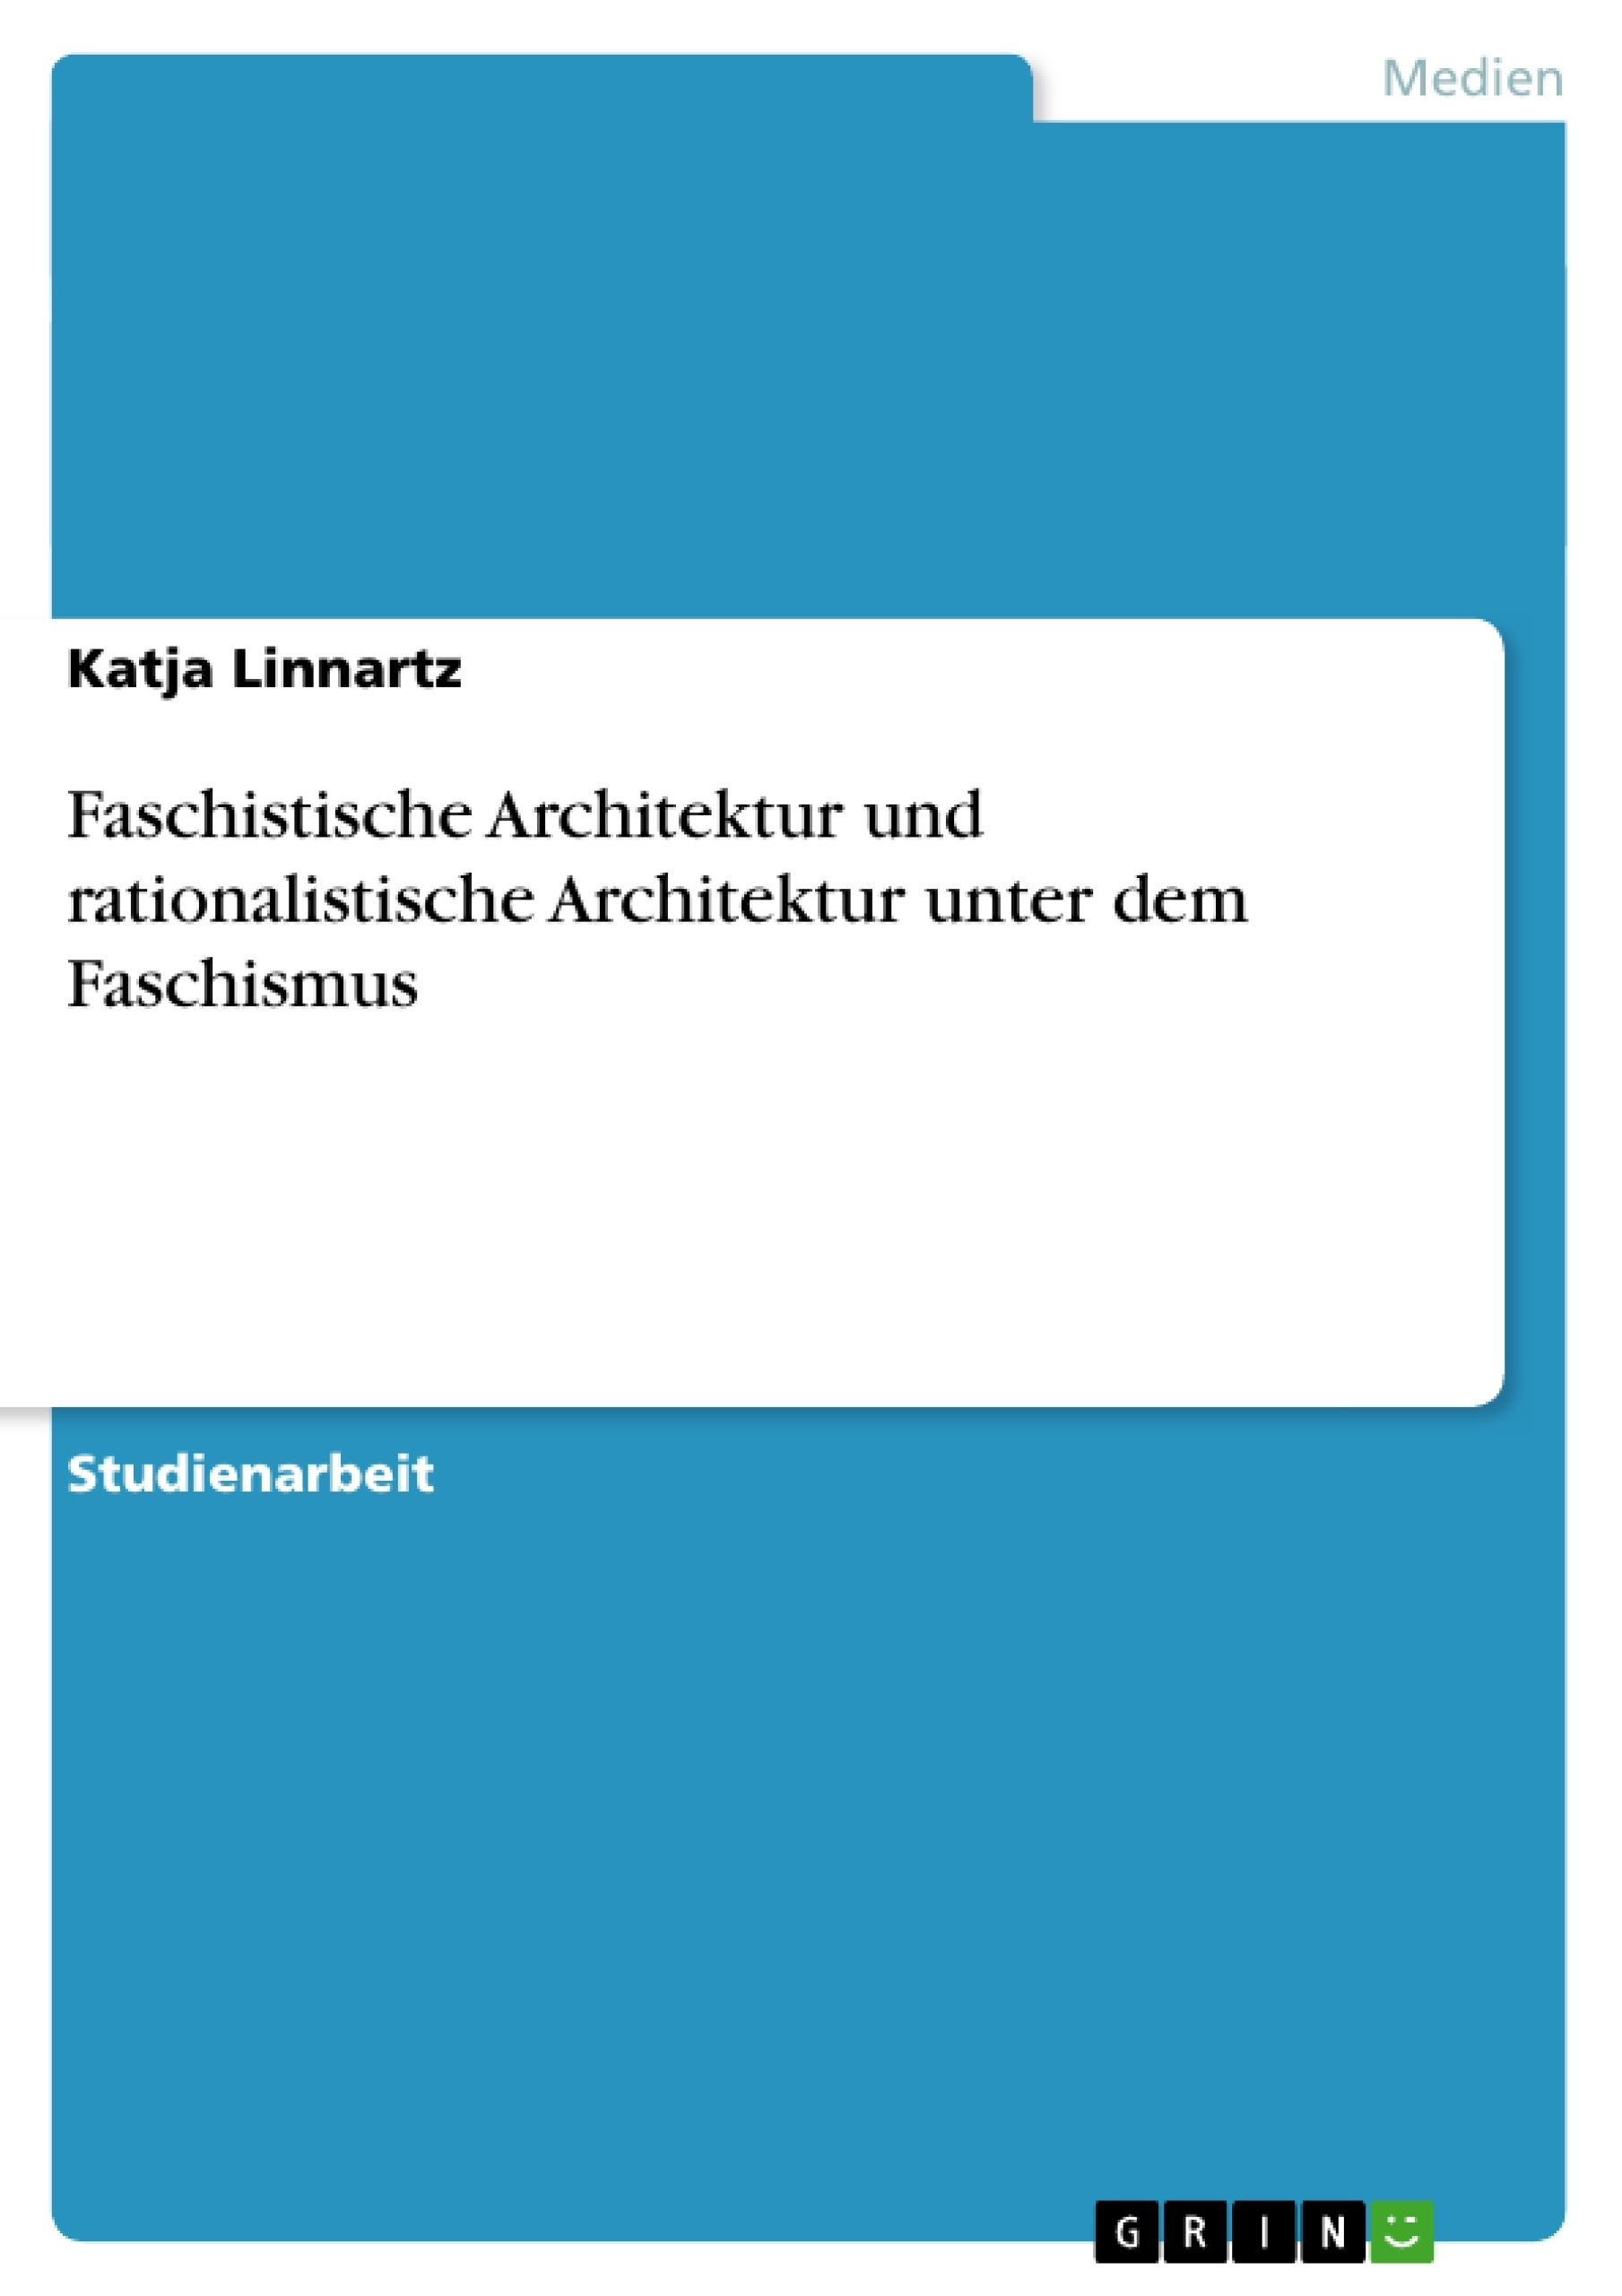 Titel: Faschistische Architektur und  rationalistische  Architektur unter dem Faschismus